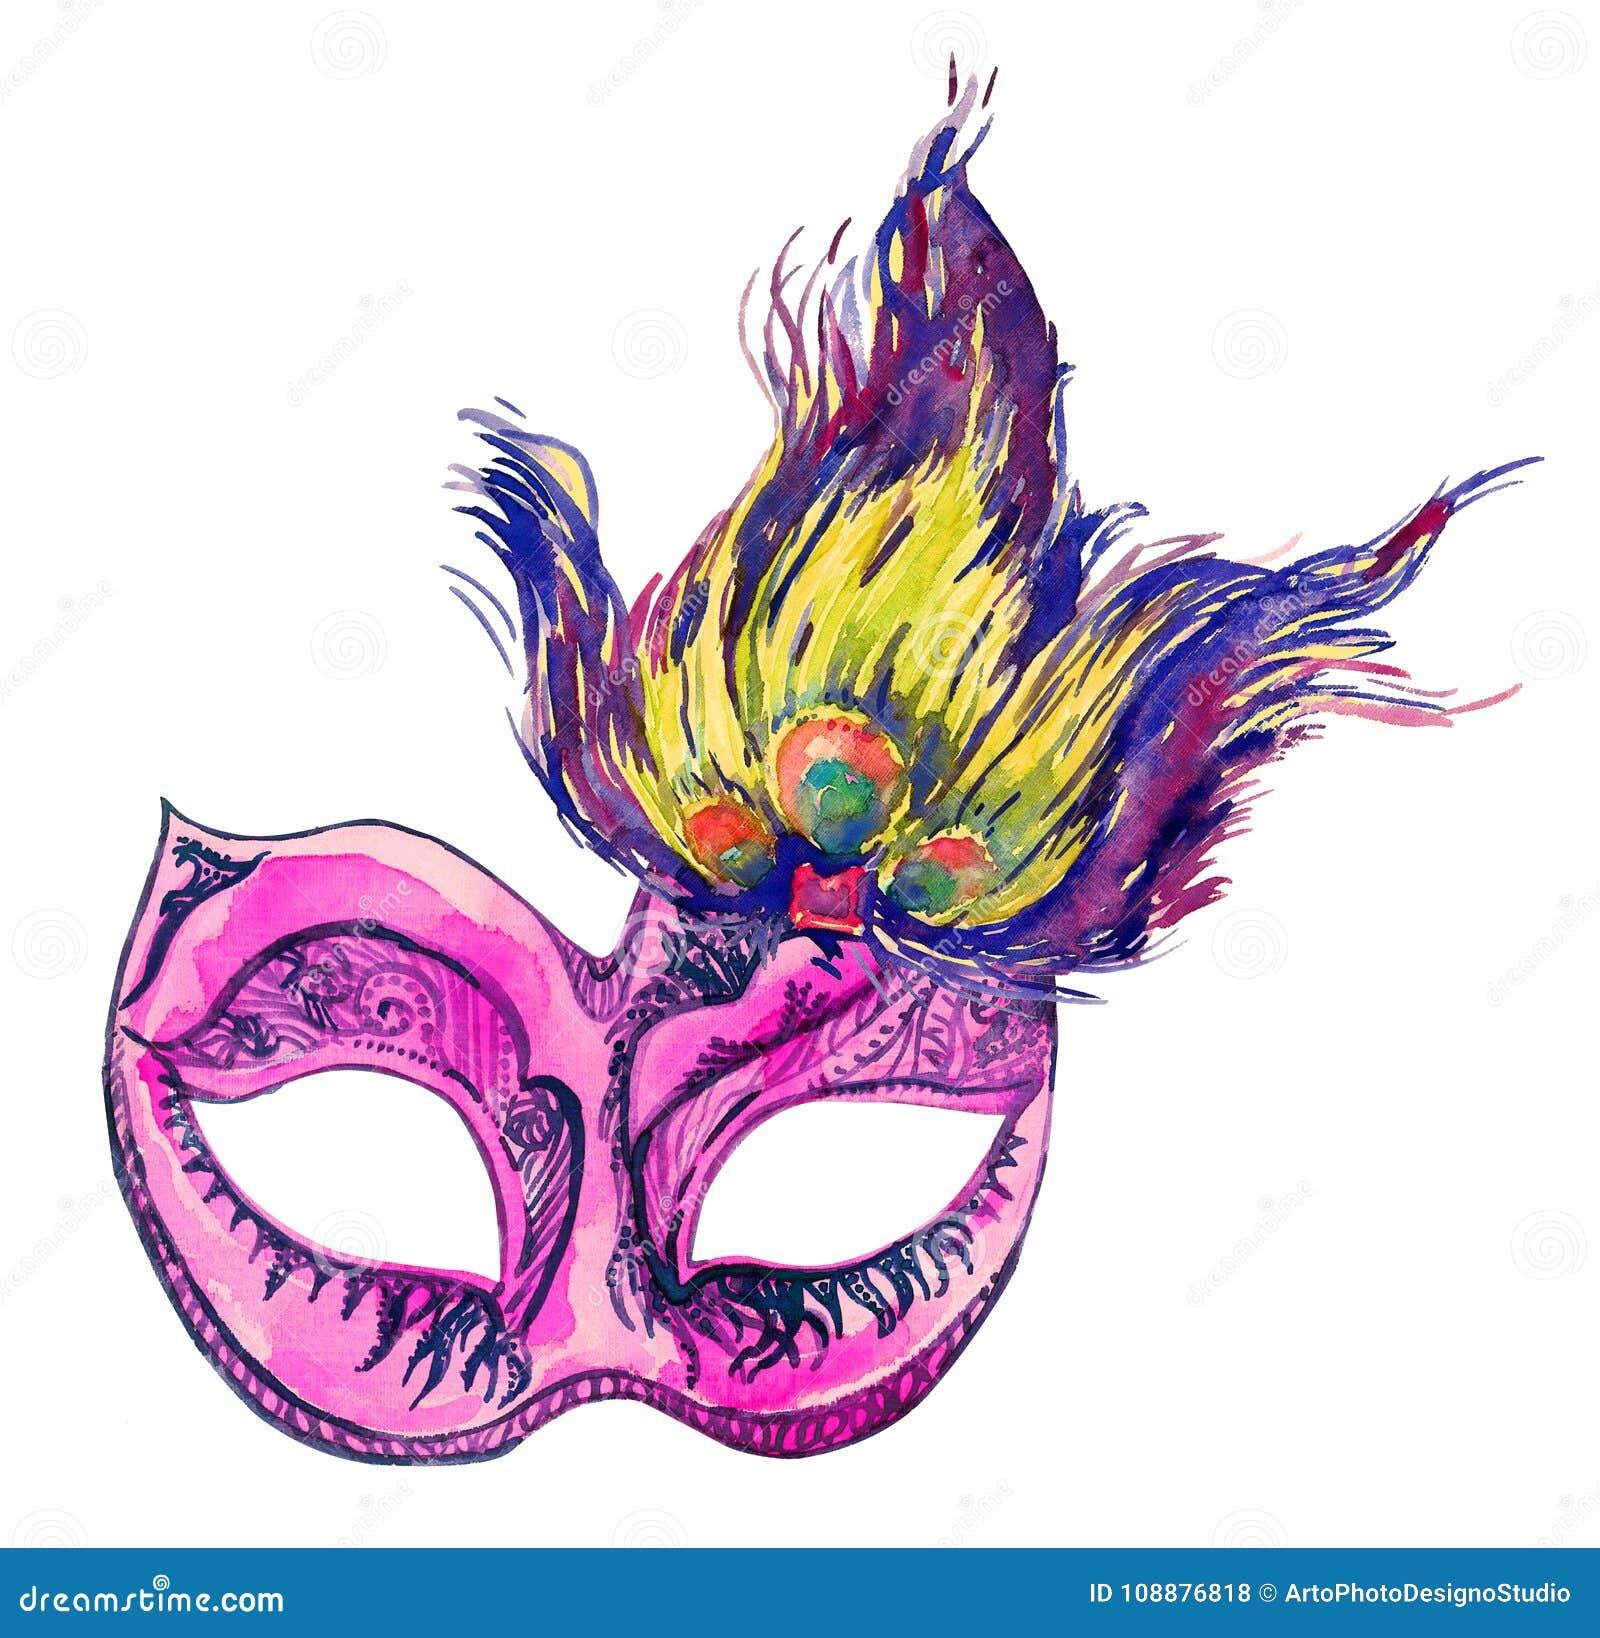 grande variété de modèles sélectionner pour plus récent gros remise Masque Rose De Carnaval Avec Des Plumes De Paon Illustration ...